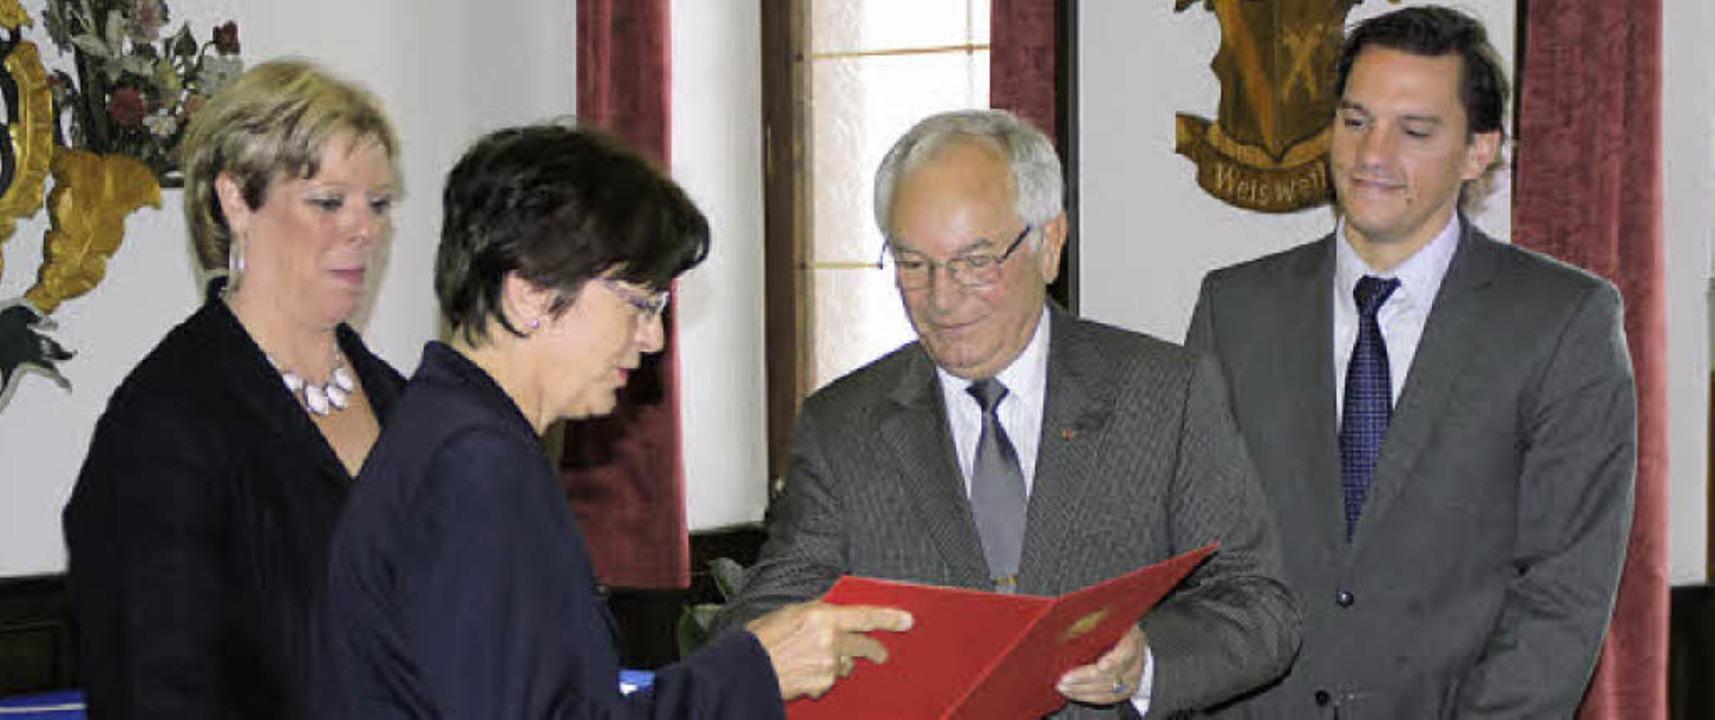 Karl Nicola erhielt eine Ehrenurkunde ...atio auf  den Parteijubilar hielten.      Foto: Ilona Hüge